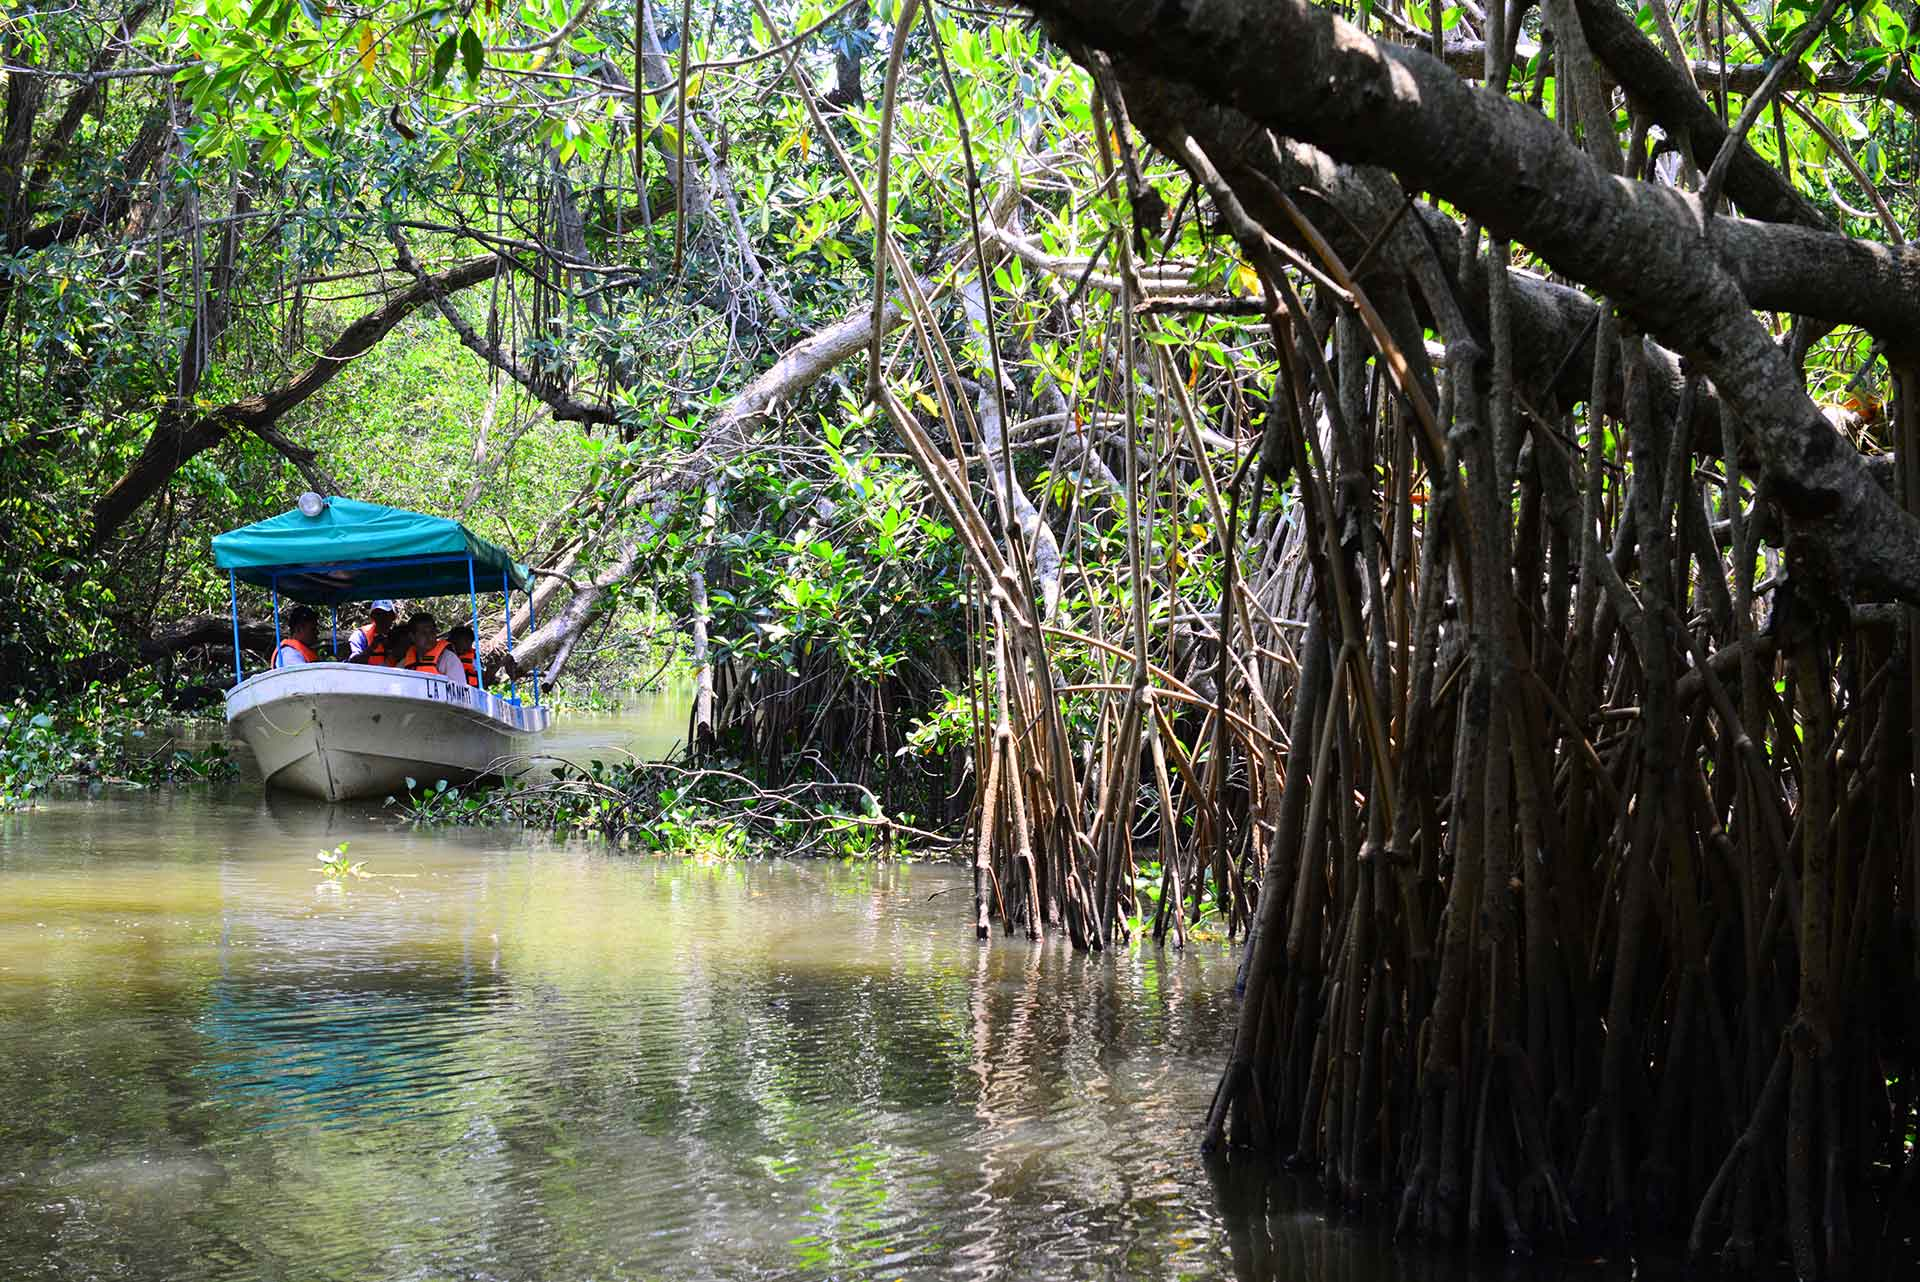 Vegetación de humedales en áreas de turismo de aventura en la zona Maya de México